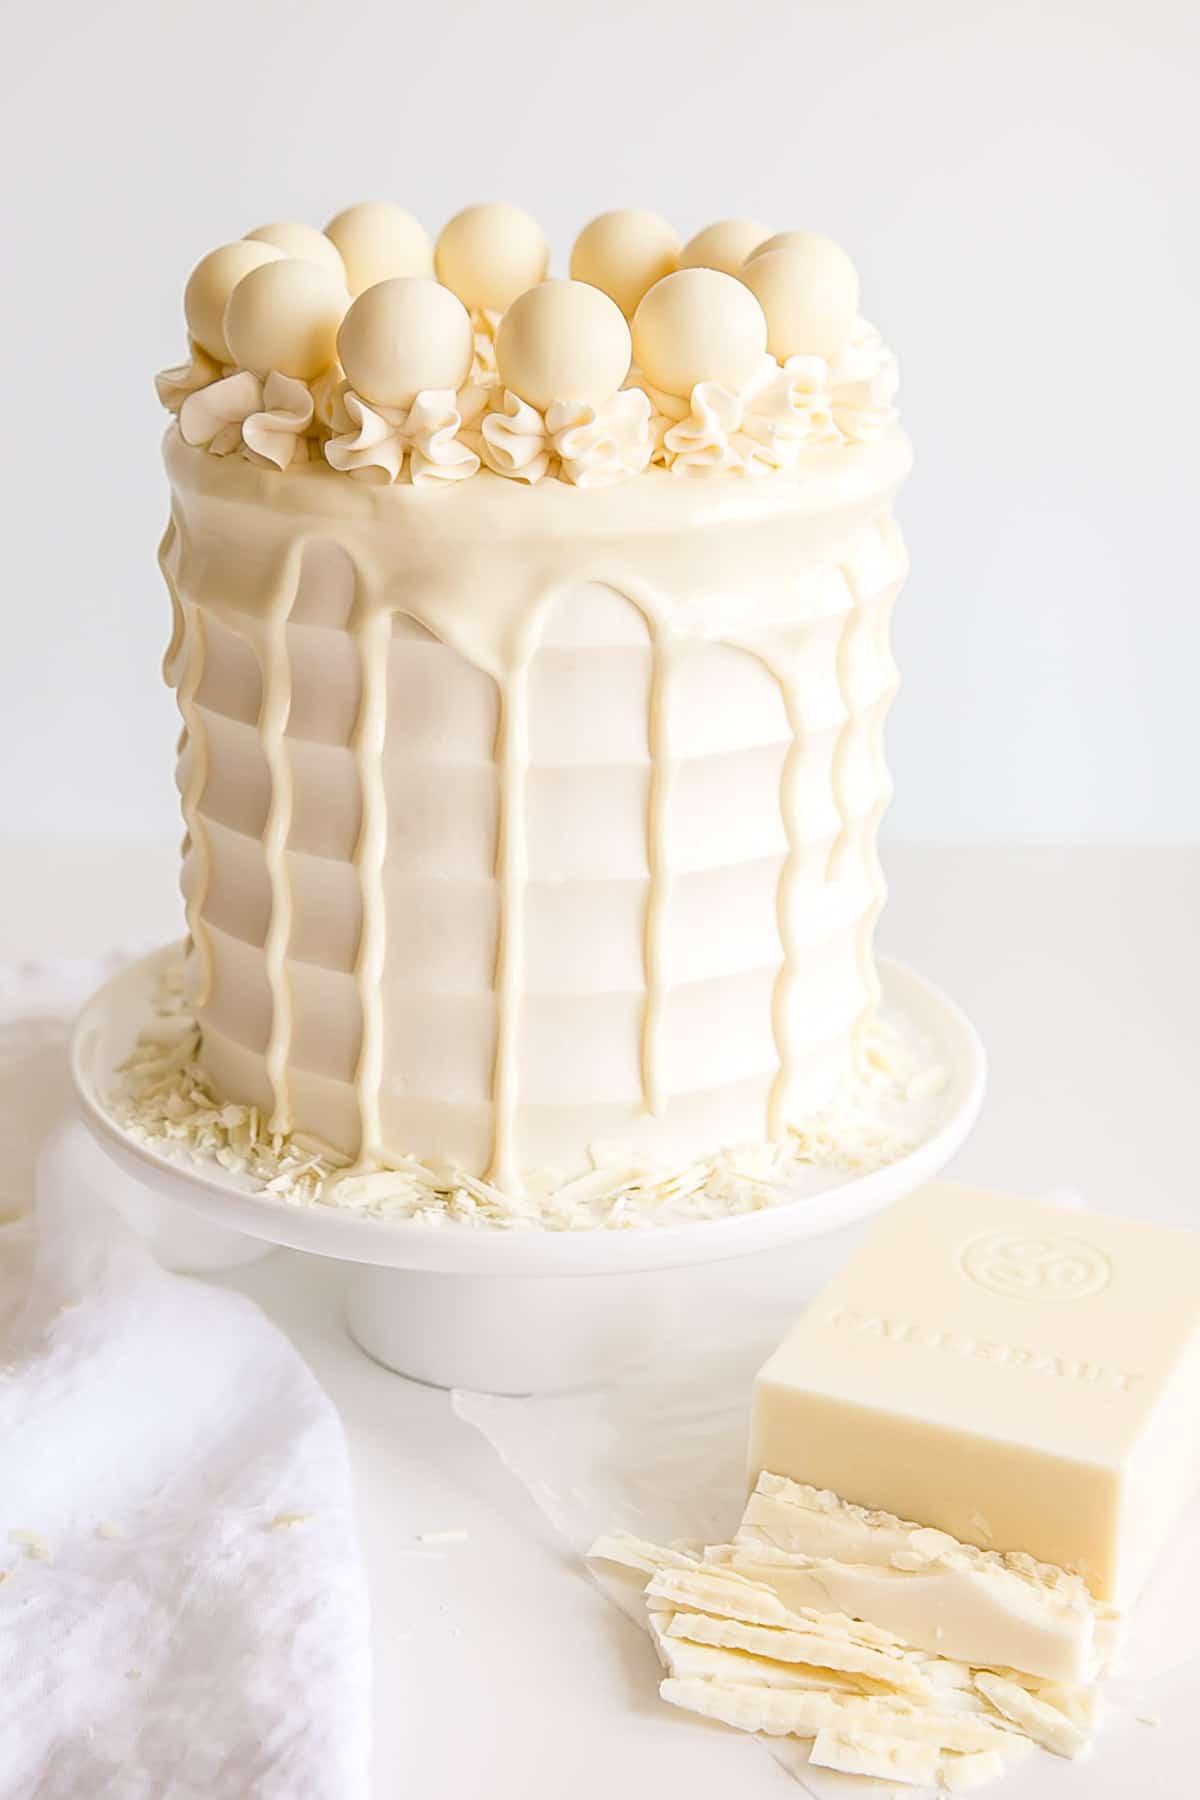 کاربردهای شکلات تخته ای سفید White bar chocolate